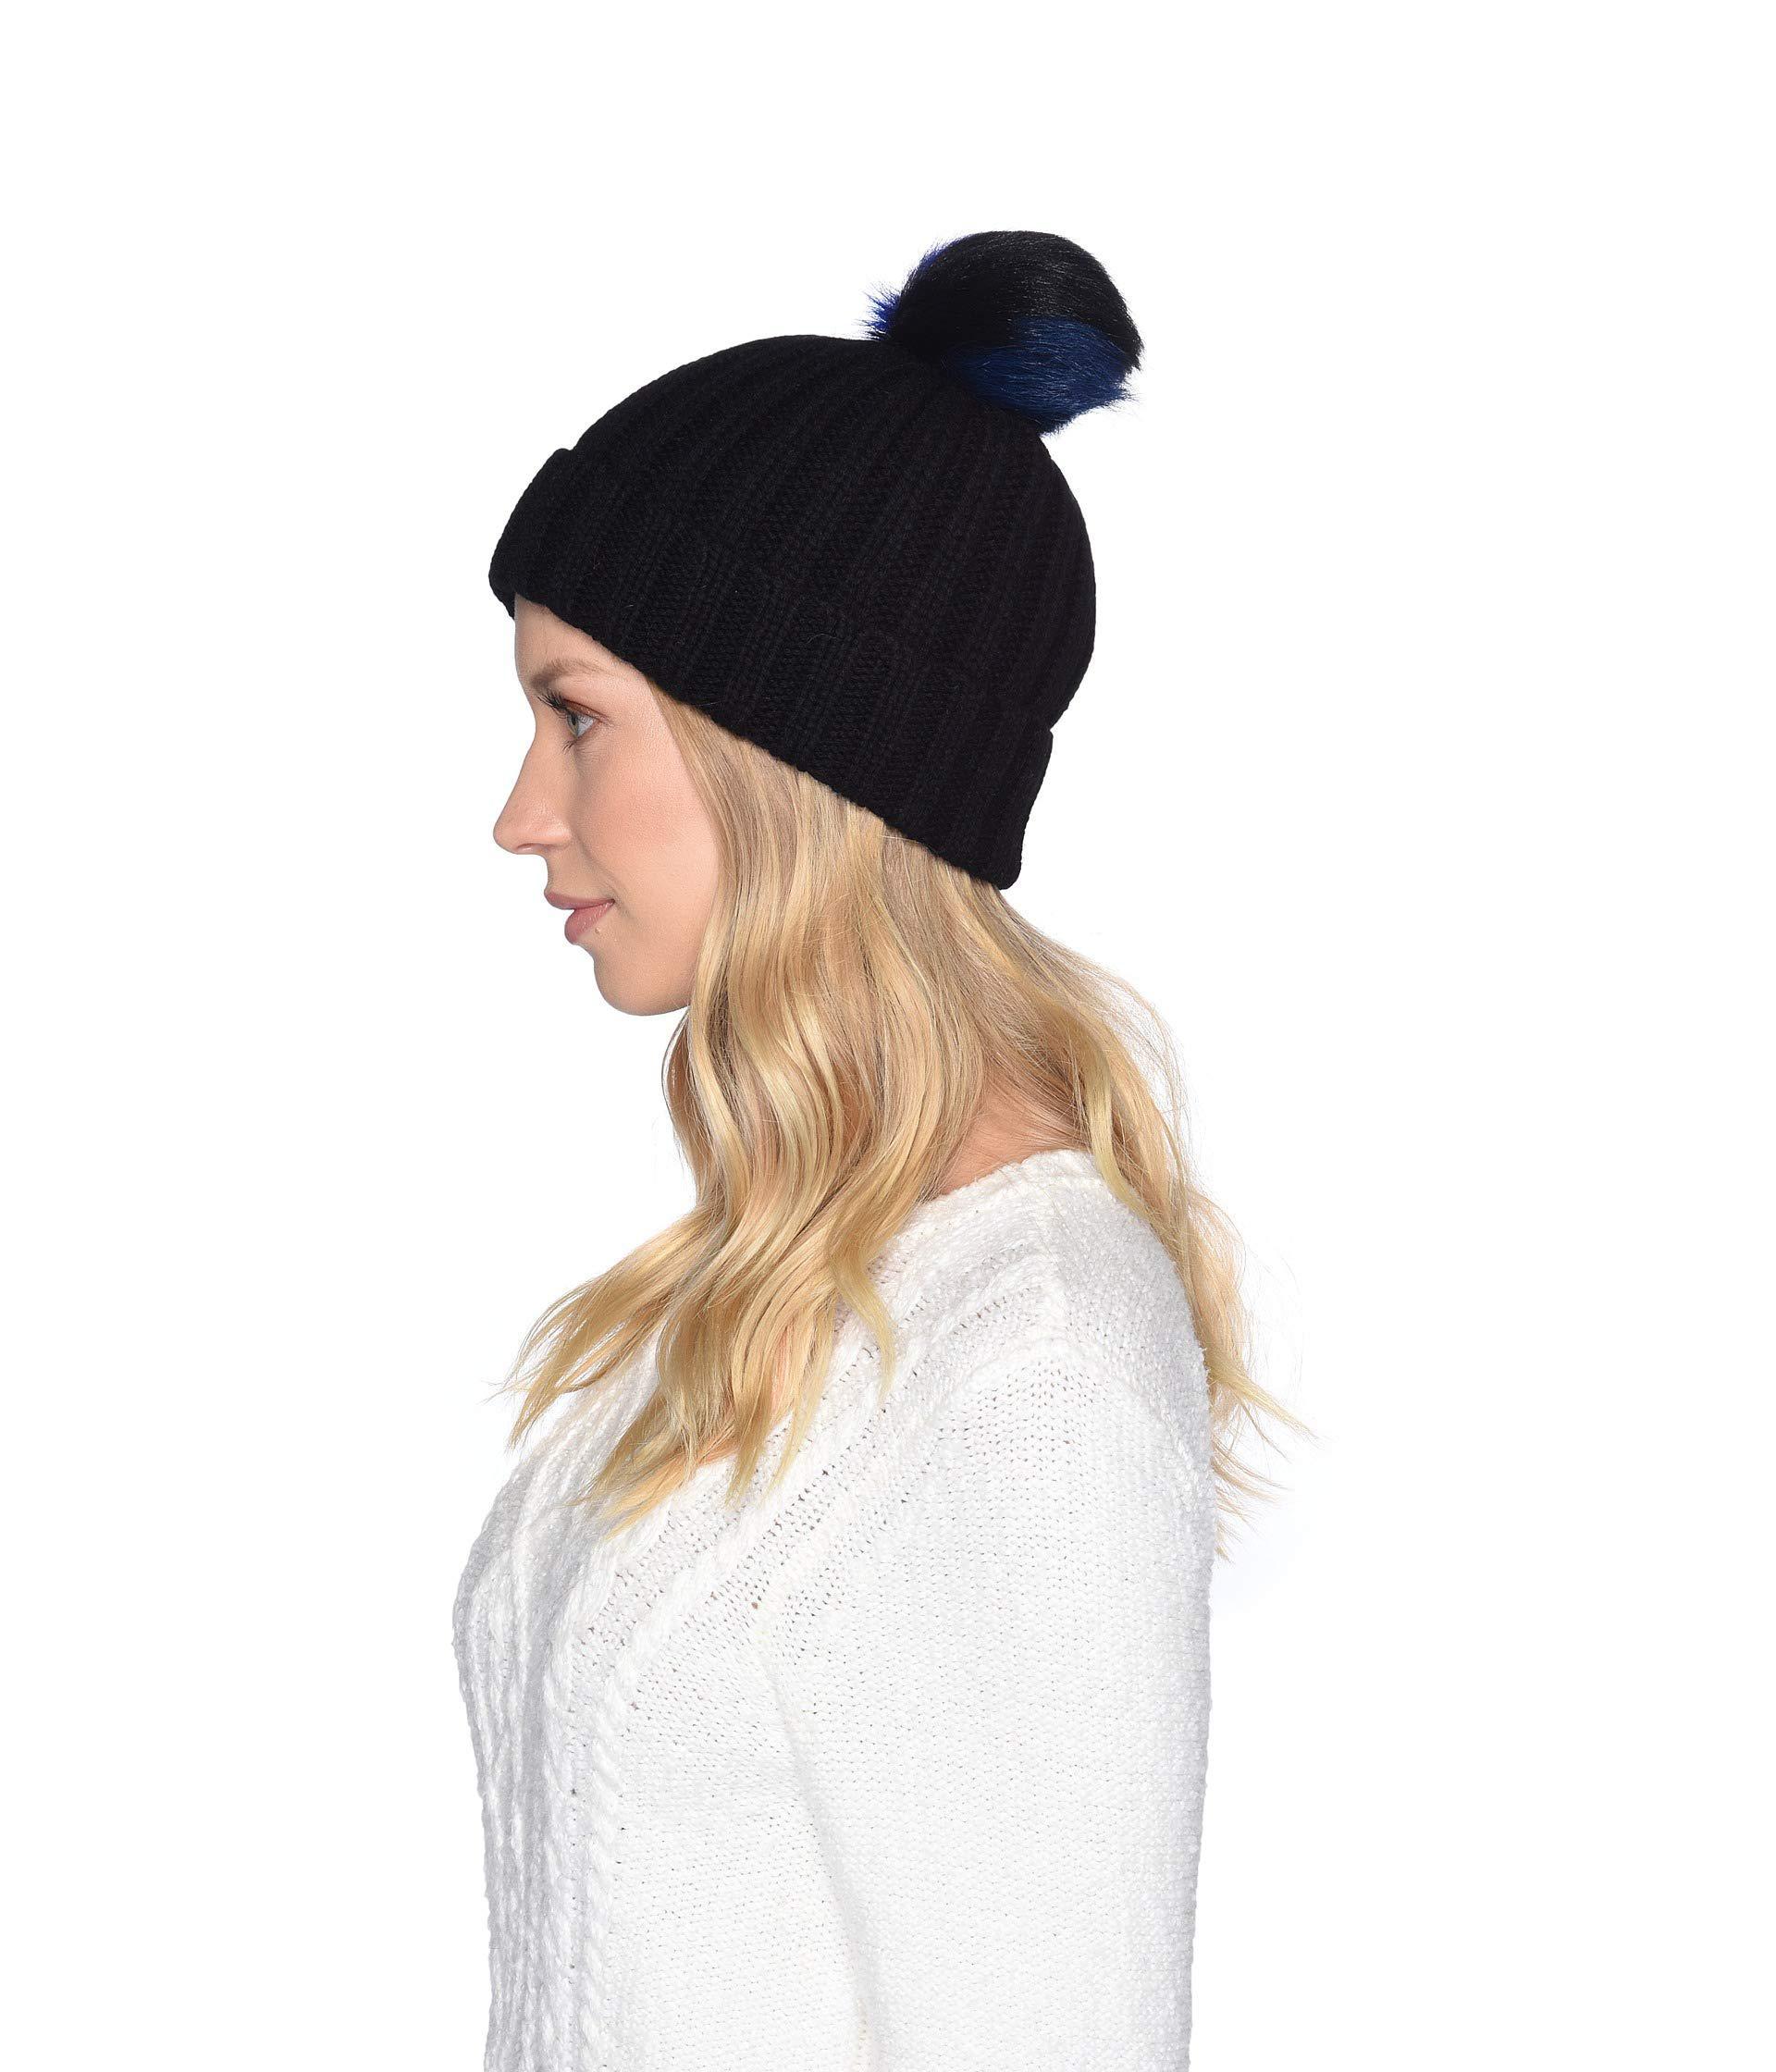 069e6af8450 Lyst - UGG Multicolored Sheepskin Pom Knit Hat (black Multi) Caps in Black